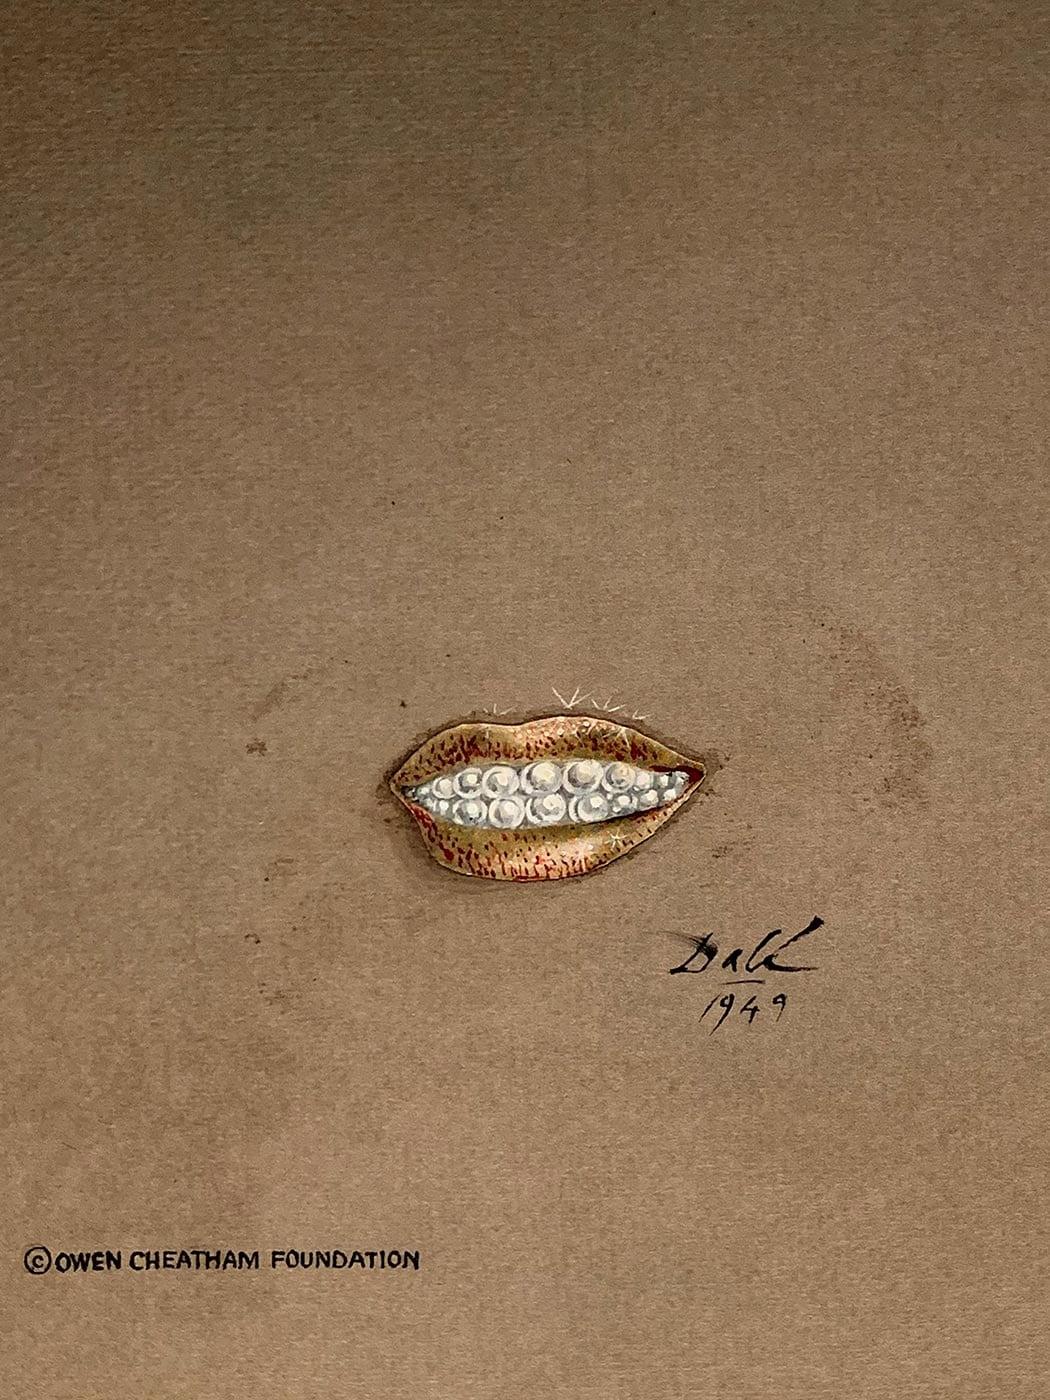 Dalí Boijoux, le grand triangle de Dalí, Costa Brava surréaliste